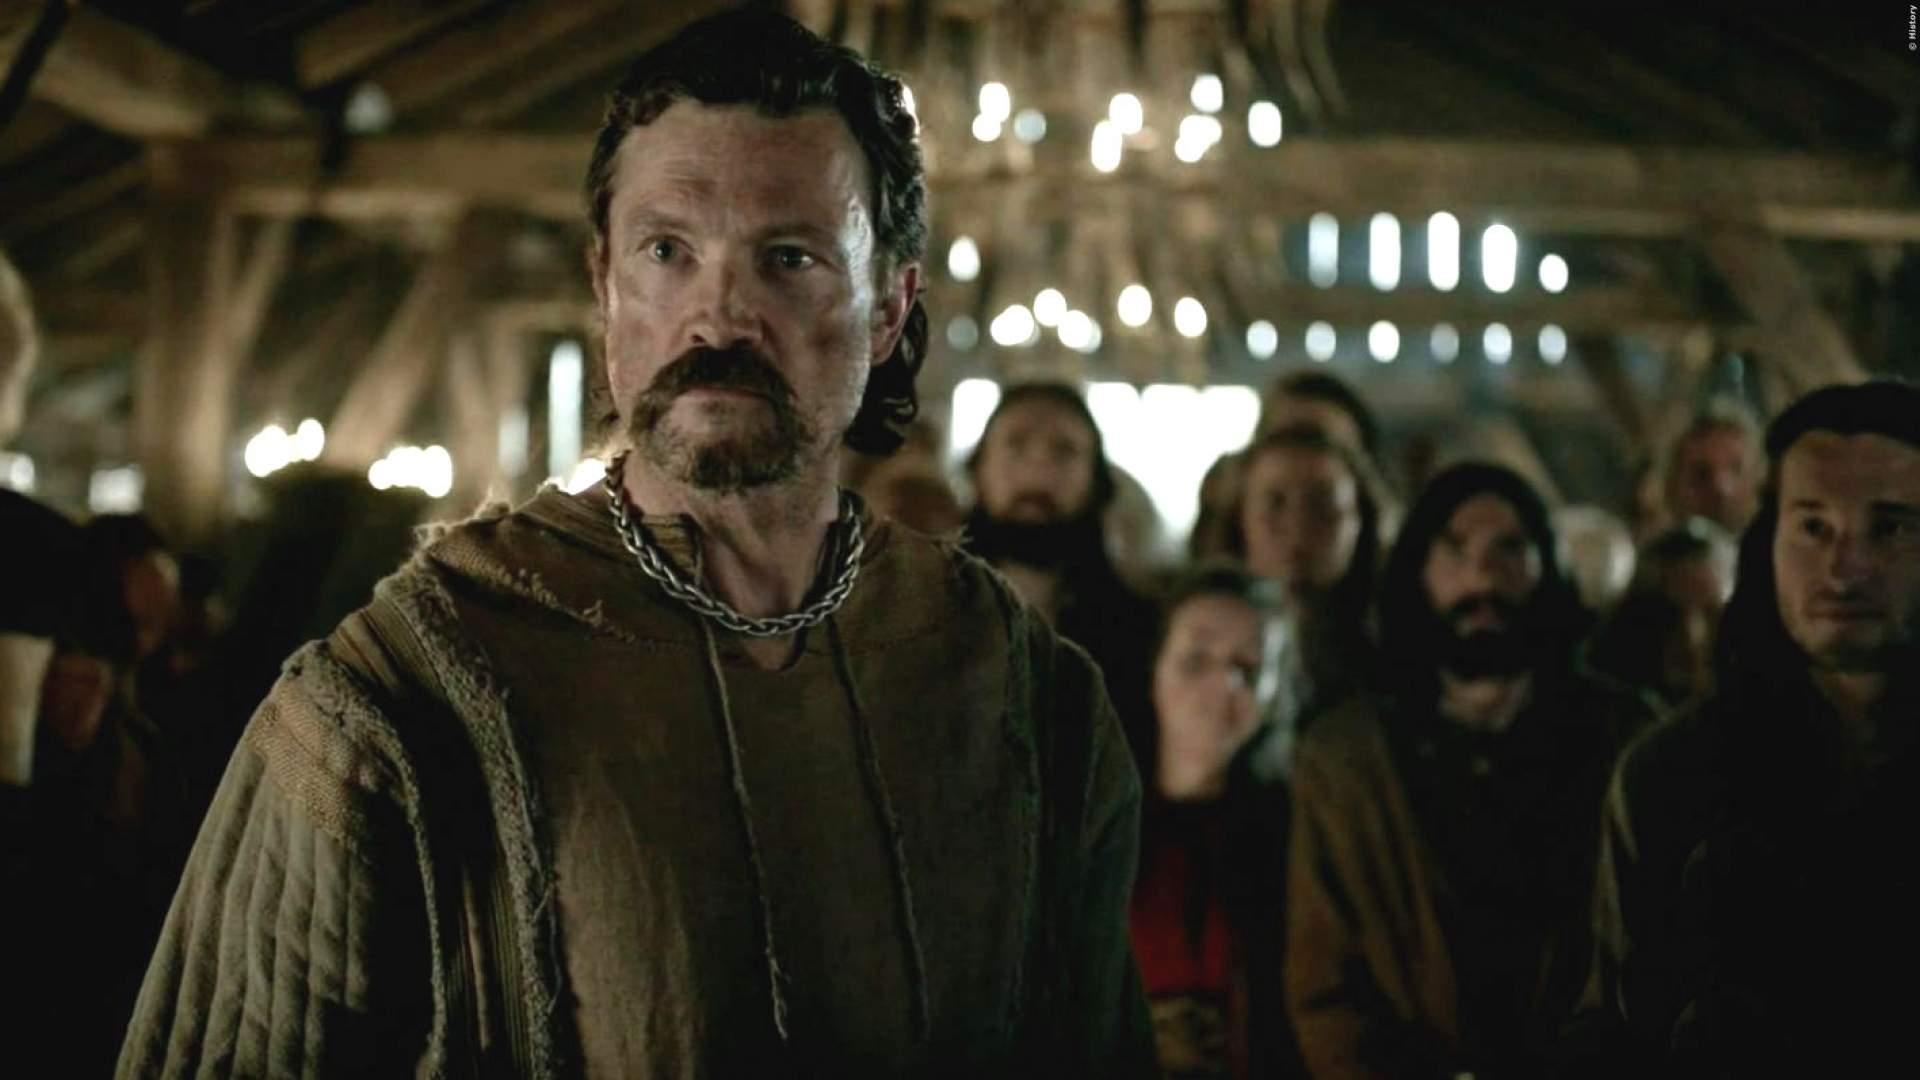 The Witcher: Vikings-Star in Netflix-Serie dabei - Bild 1 von 1